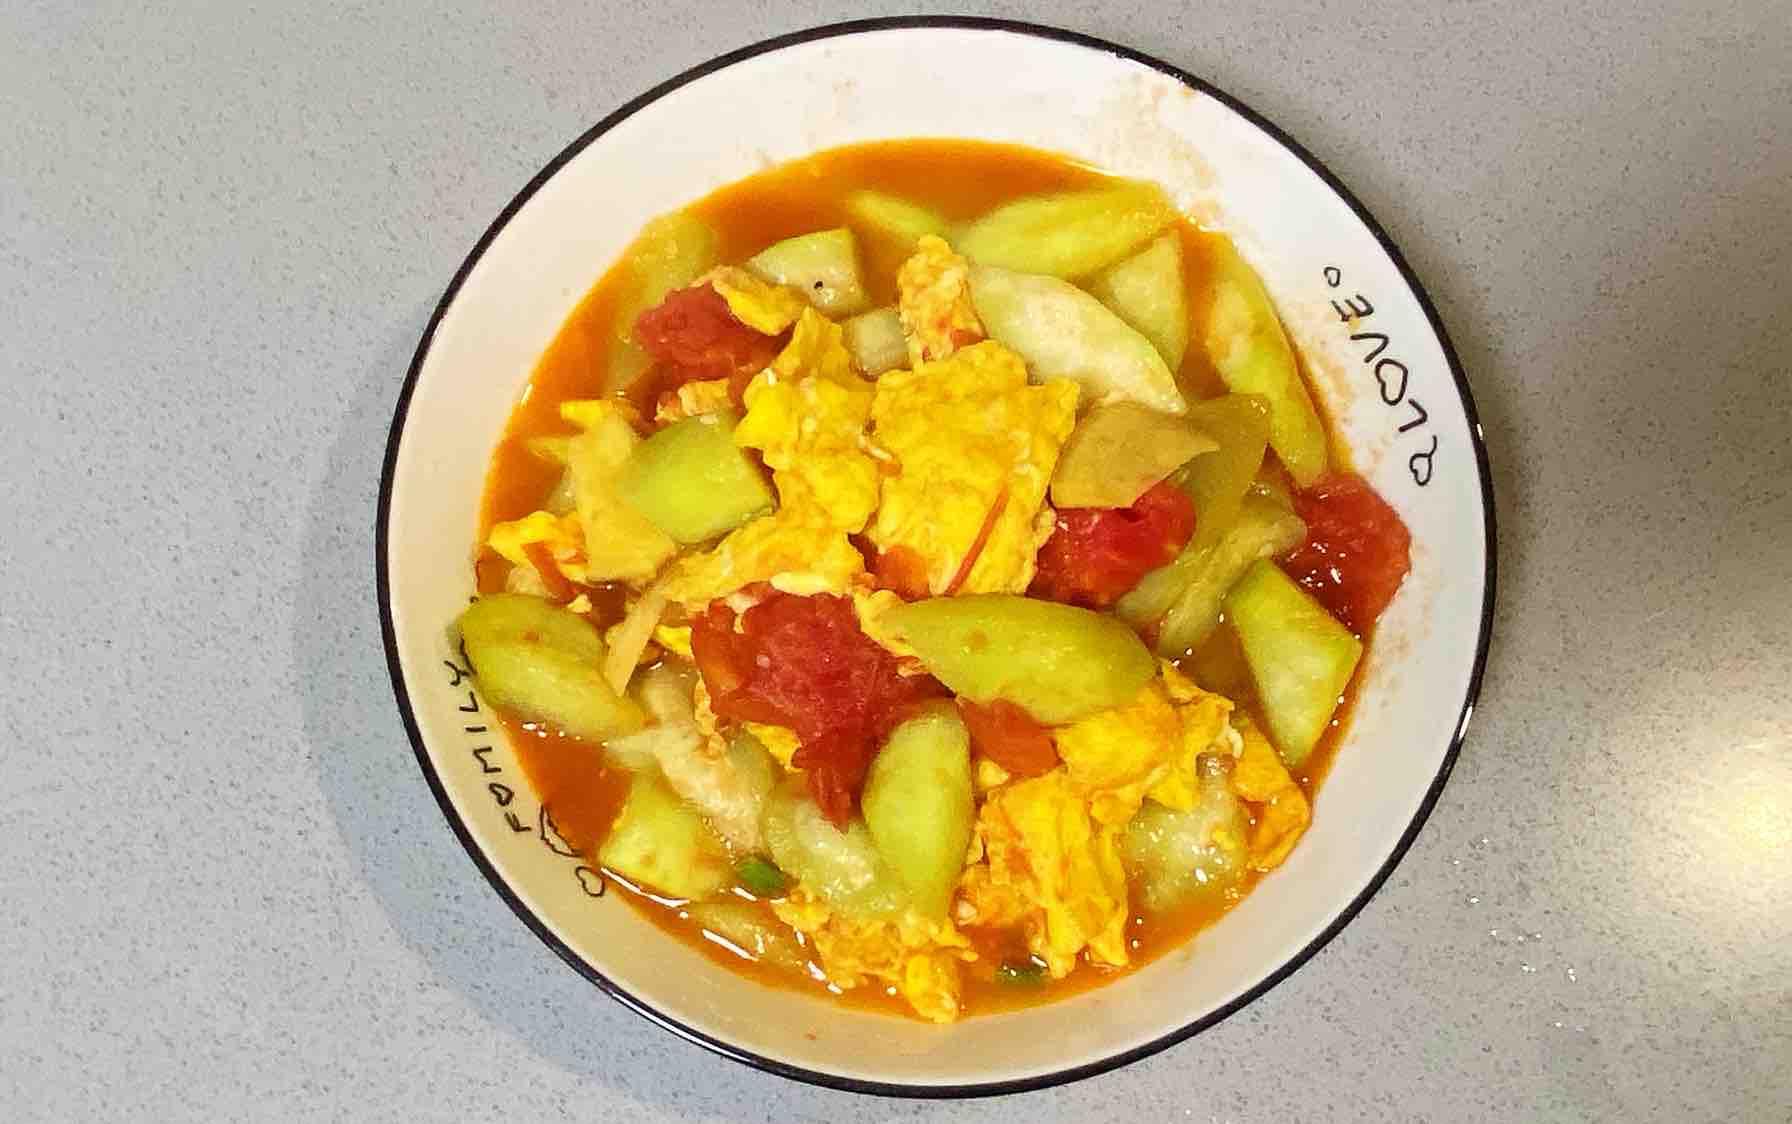 【孕妇食谱】番茄丝瓜炒鸡蛋,酸酸甜甜,营养全面~怎么炖